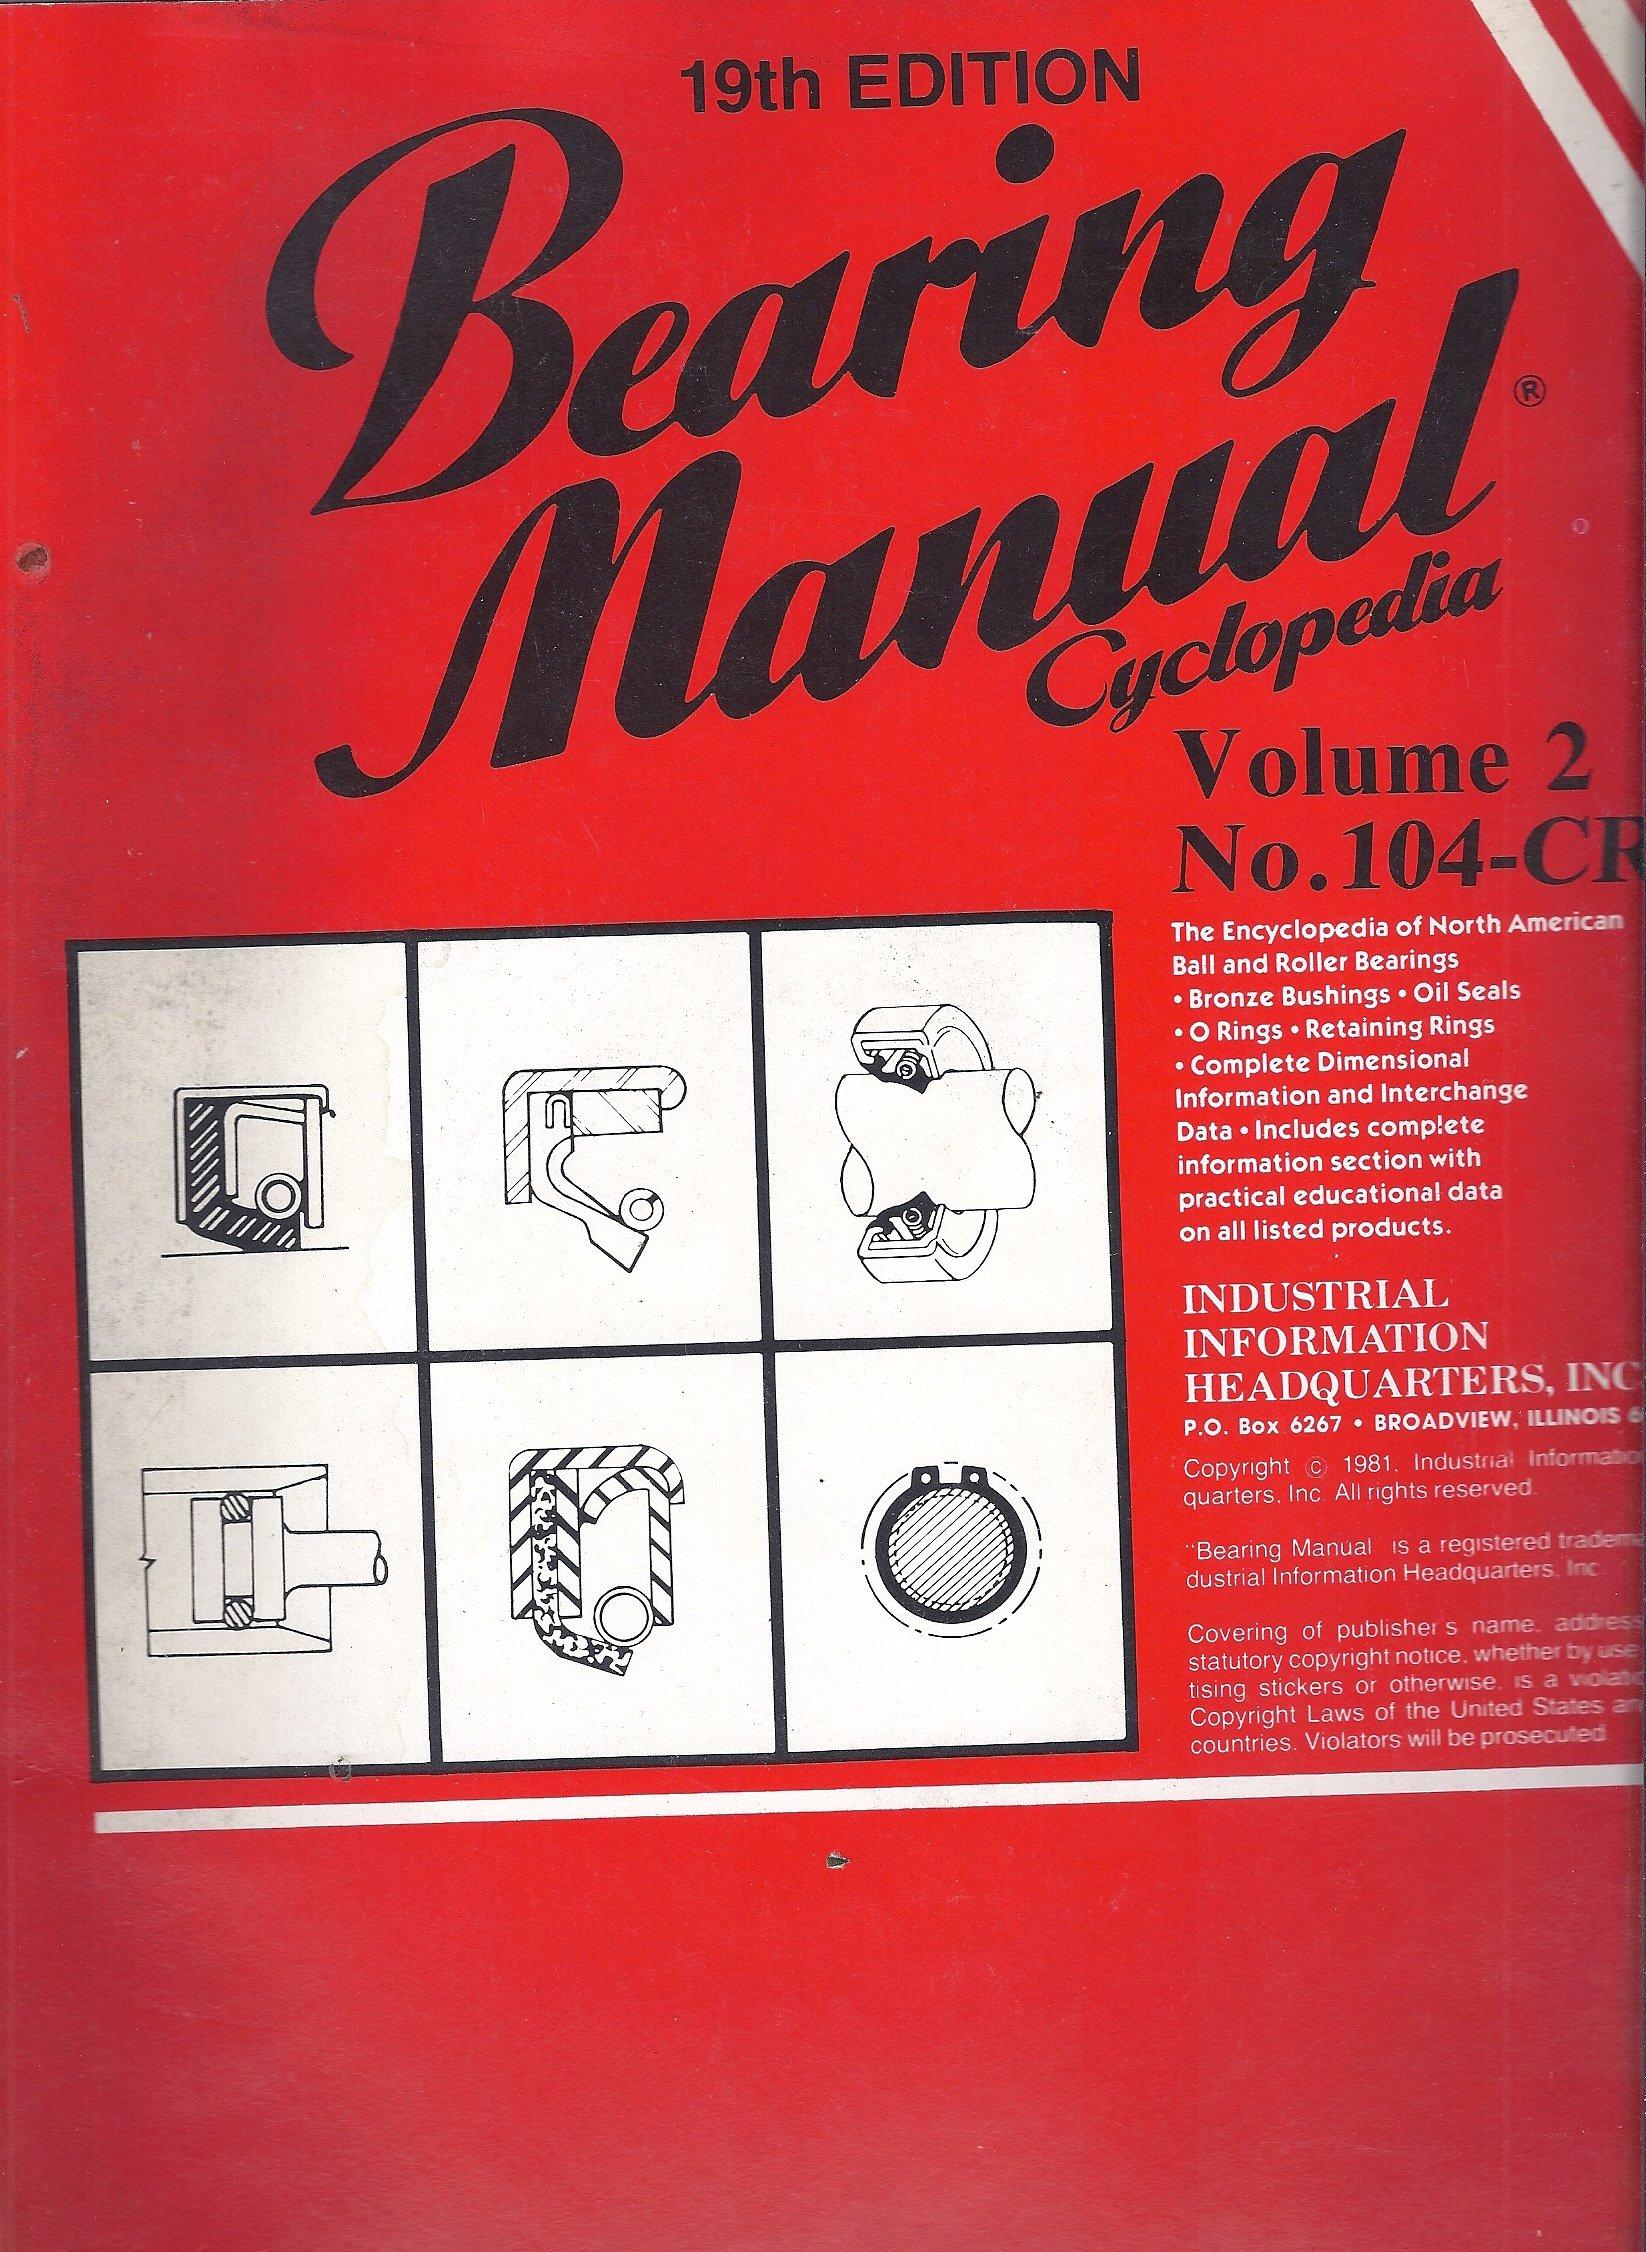 Bearing Manual Cyclopedia 19th Edition Volume # 2: Various